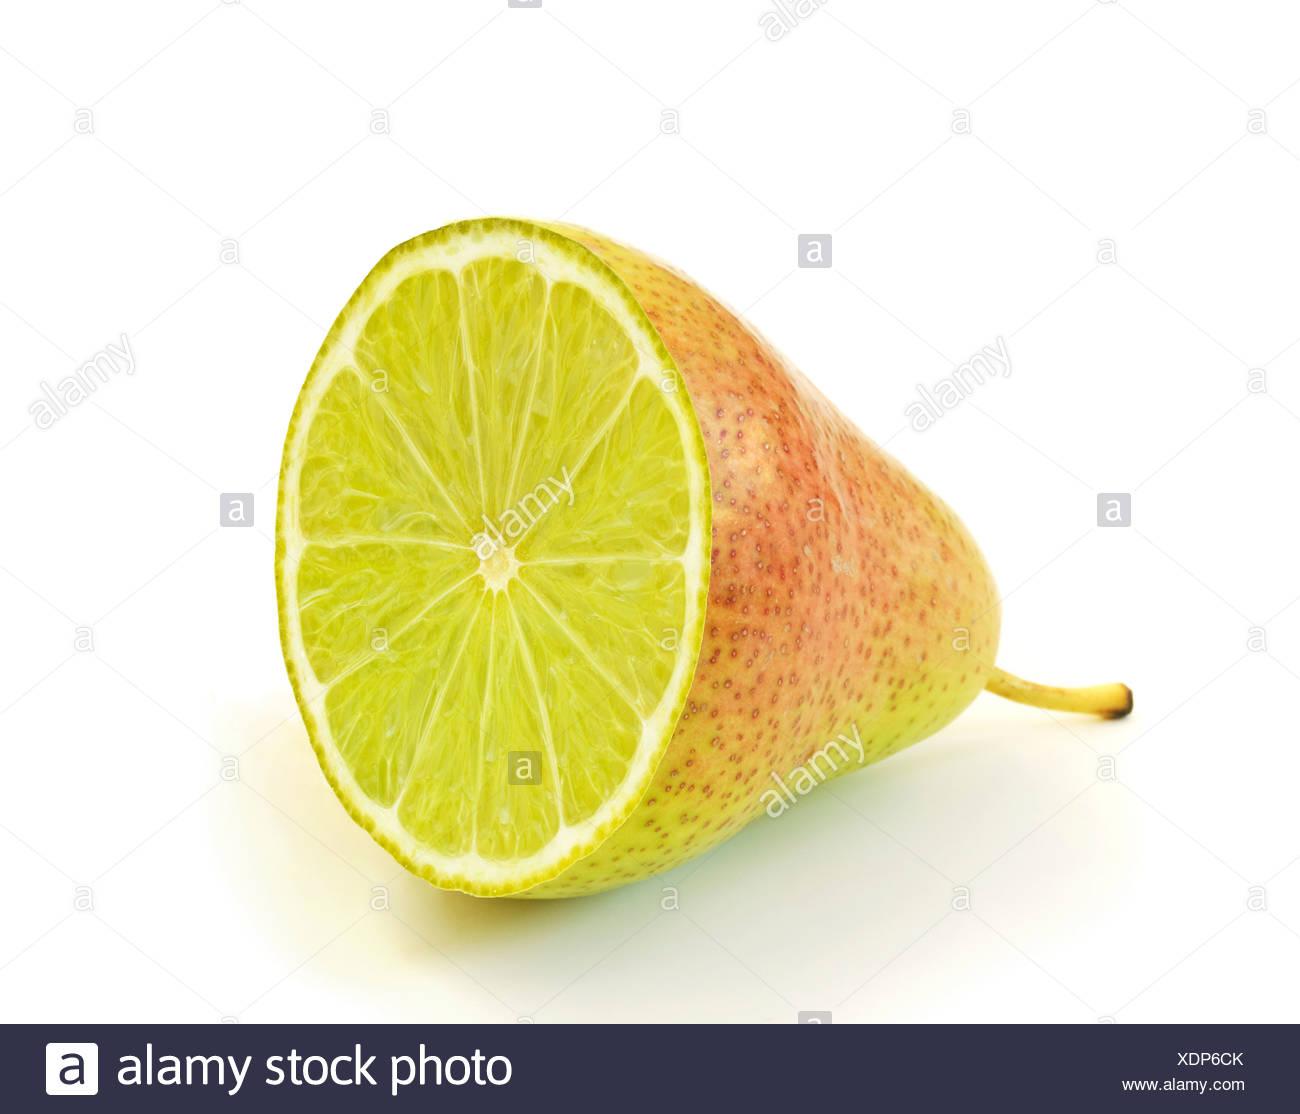 Artwork de fruits génétiquement modifiés. Photo Stock